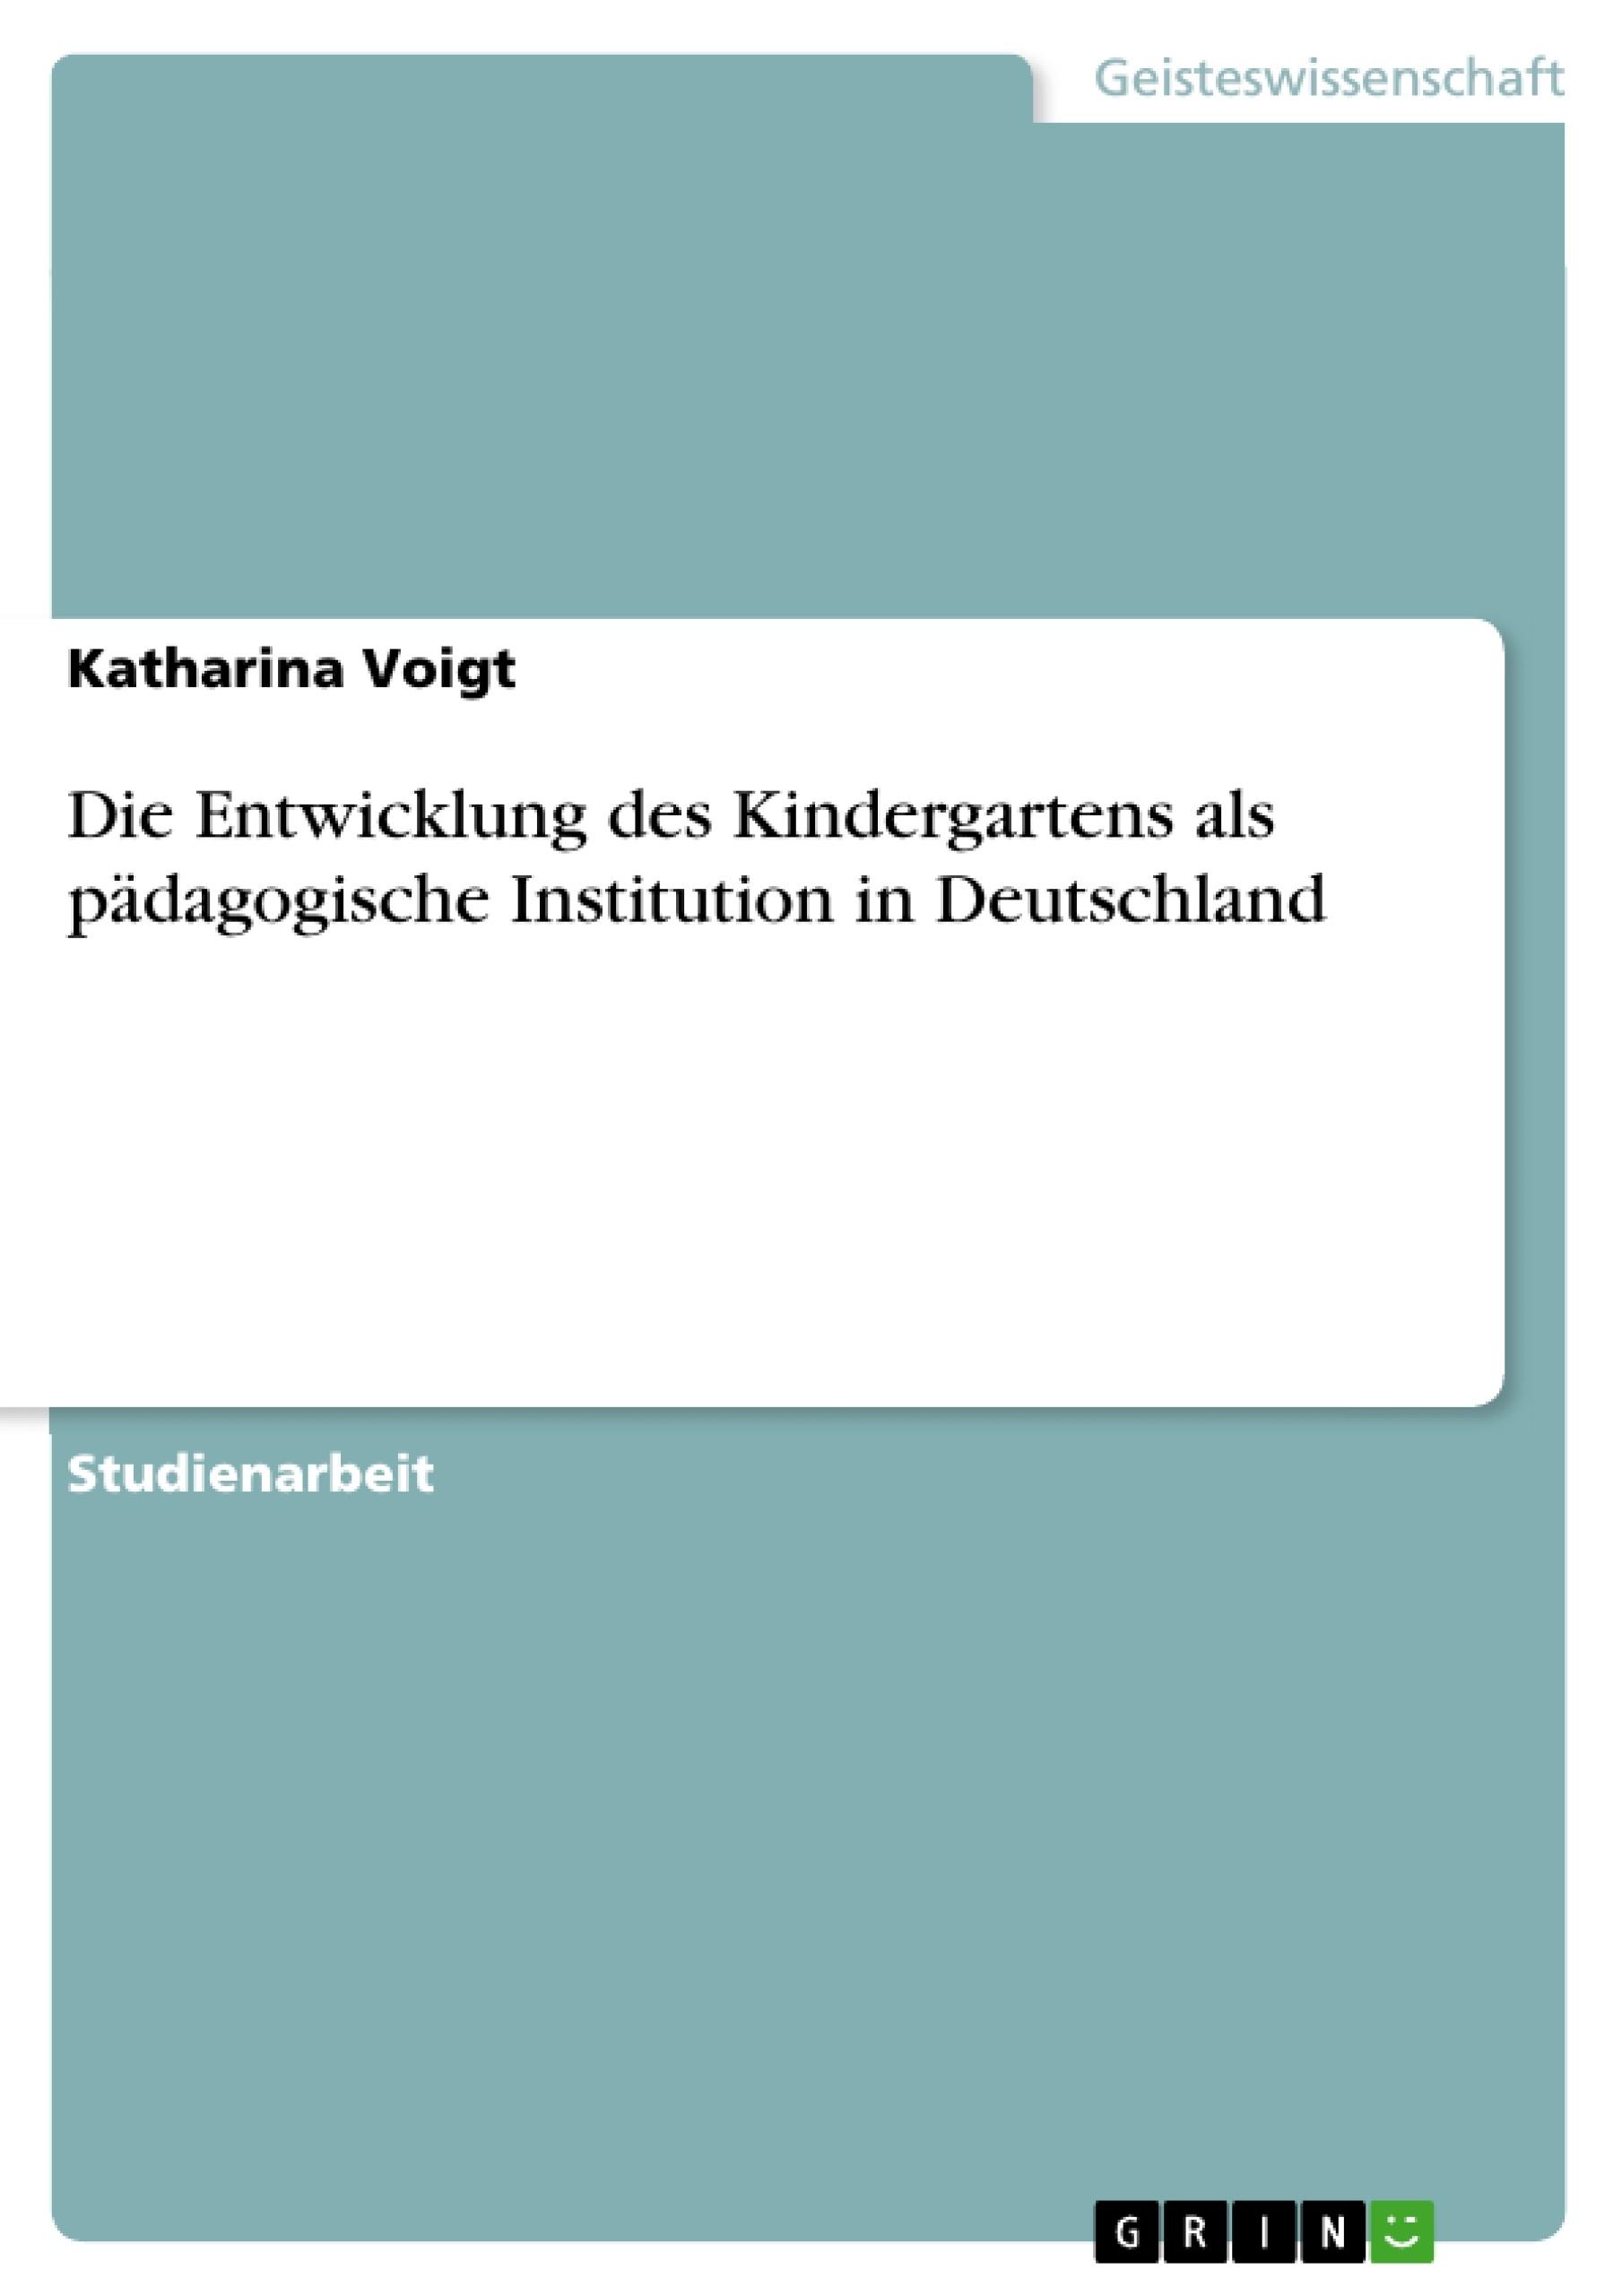 Titel: Die Entwicklung des Kindergartens als pädagogische Institution  in Deutschland